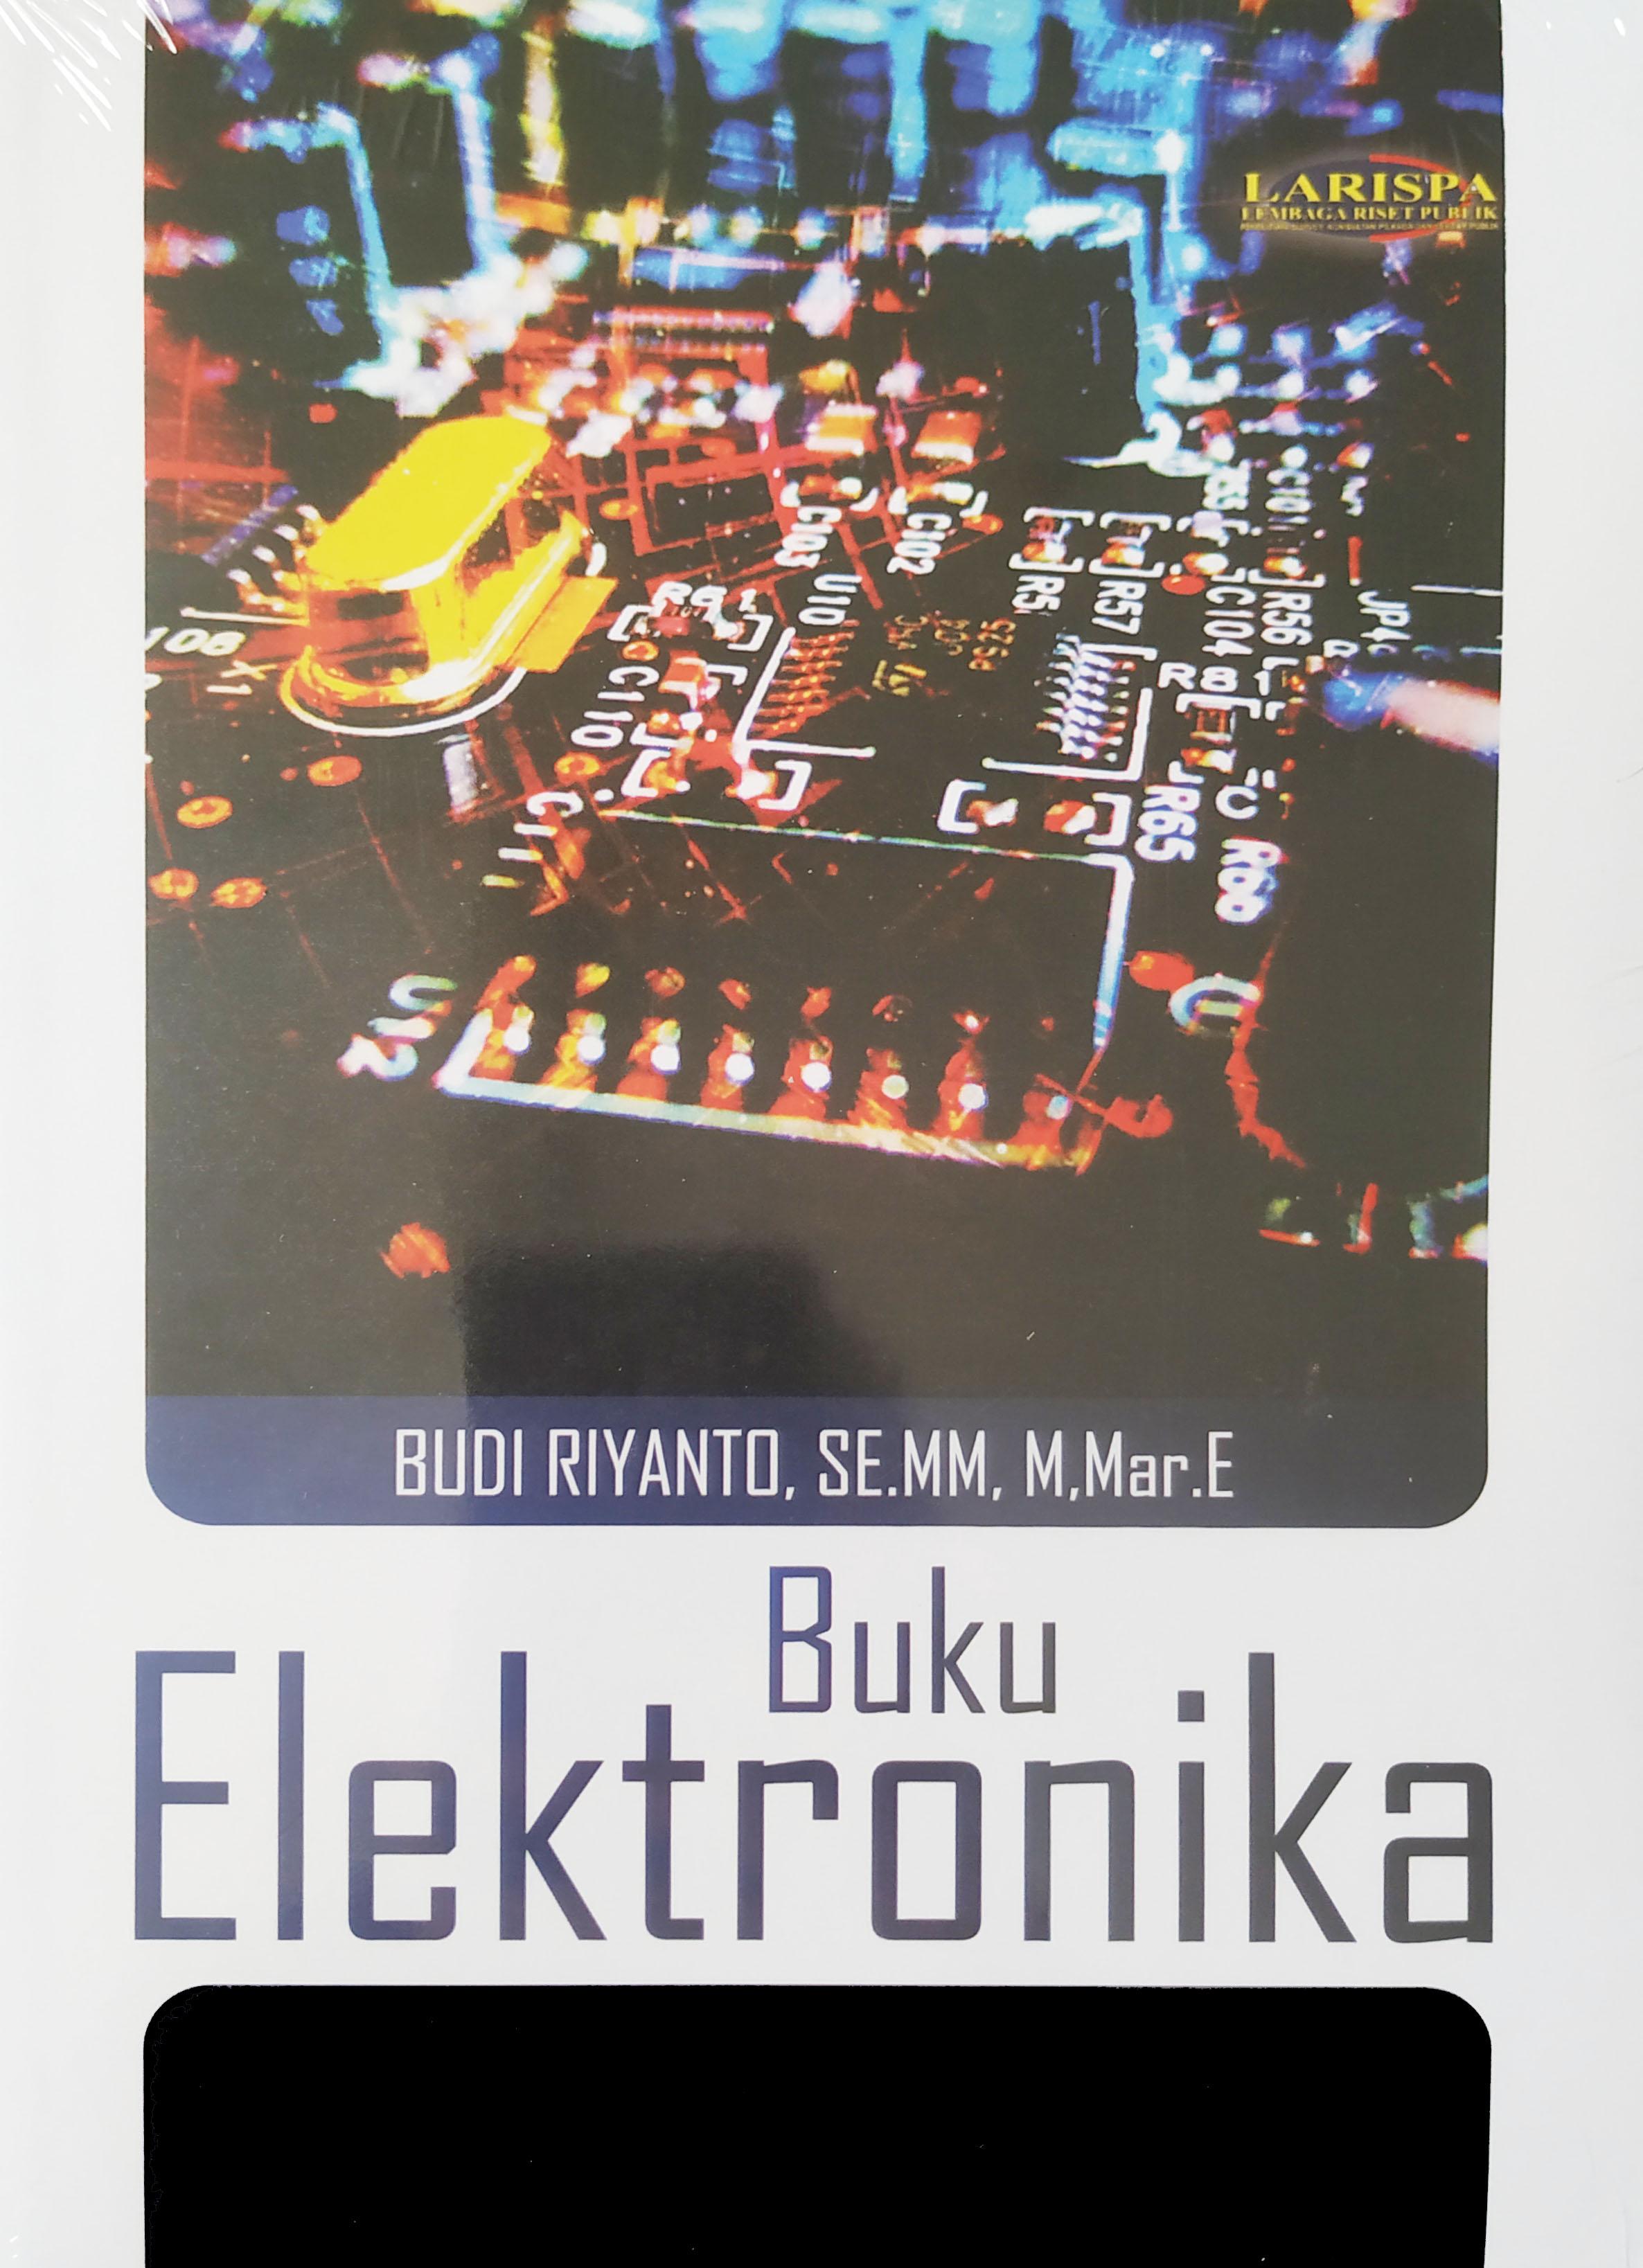 Buku Elektronika